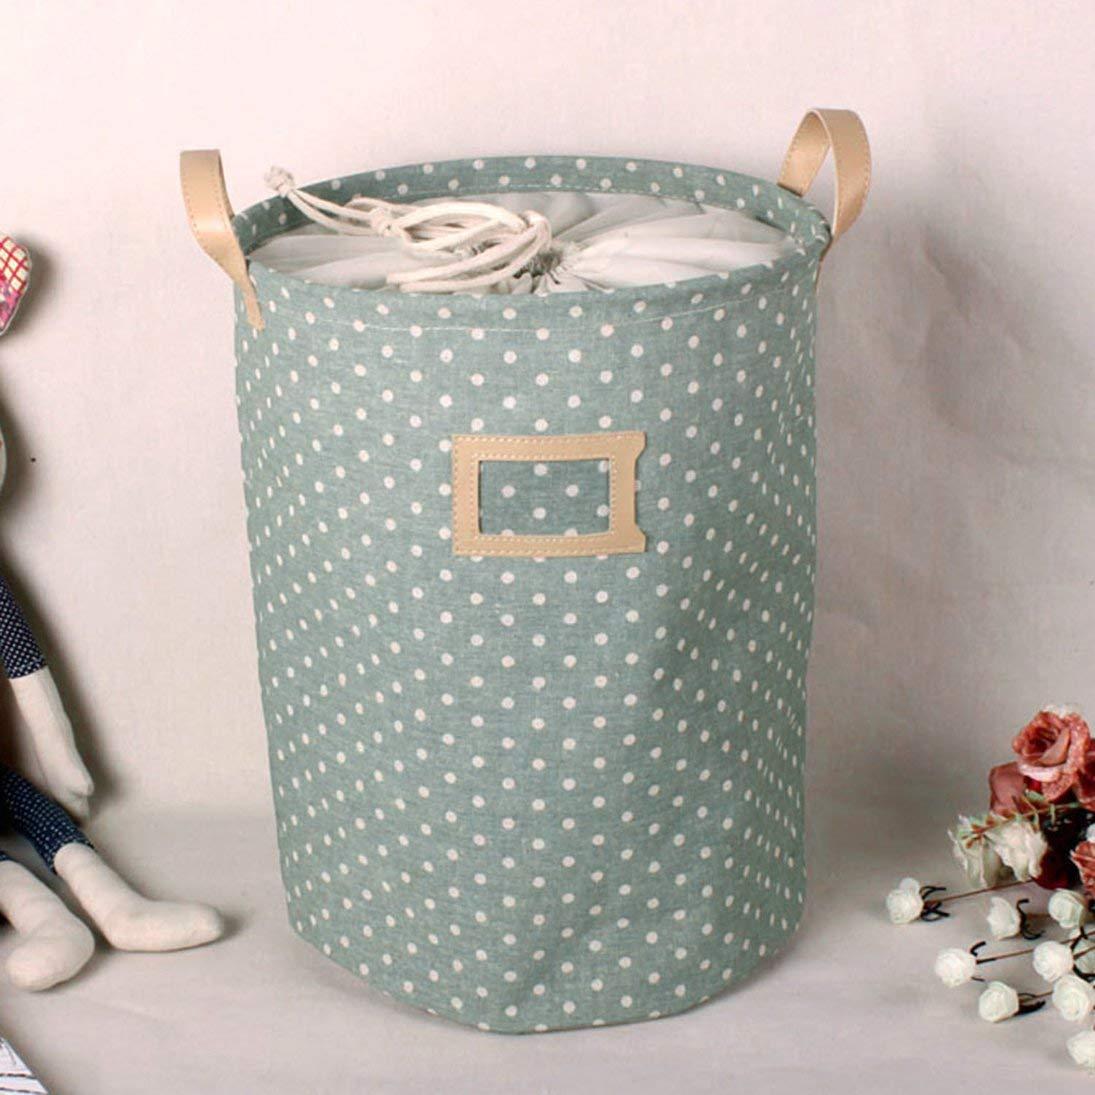 Cesto de ropa Plegable a prueba de agua Tela de algod/ón Cubo de lino Cesto de mano Bolsa Ropa sucia Colecciones de juguetes Almacenamiento